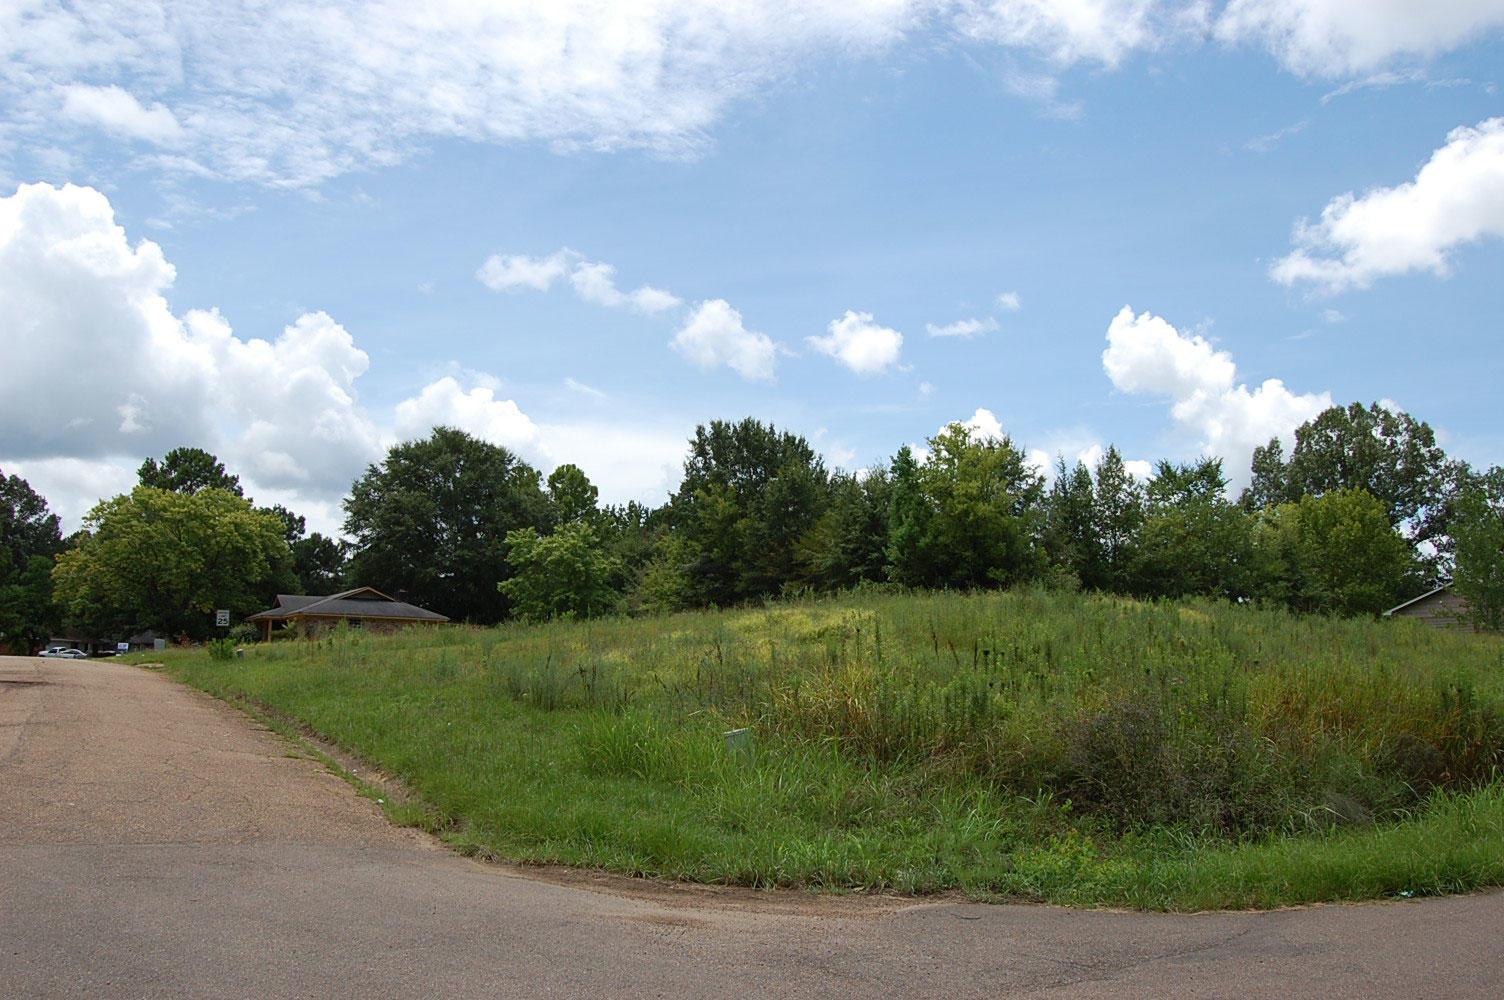 Corner Lot in Residential Neighborhood - Image 4